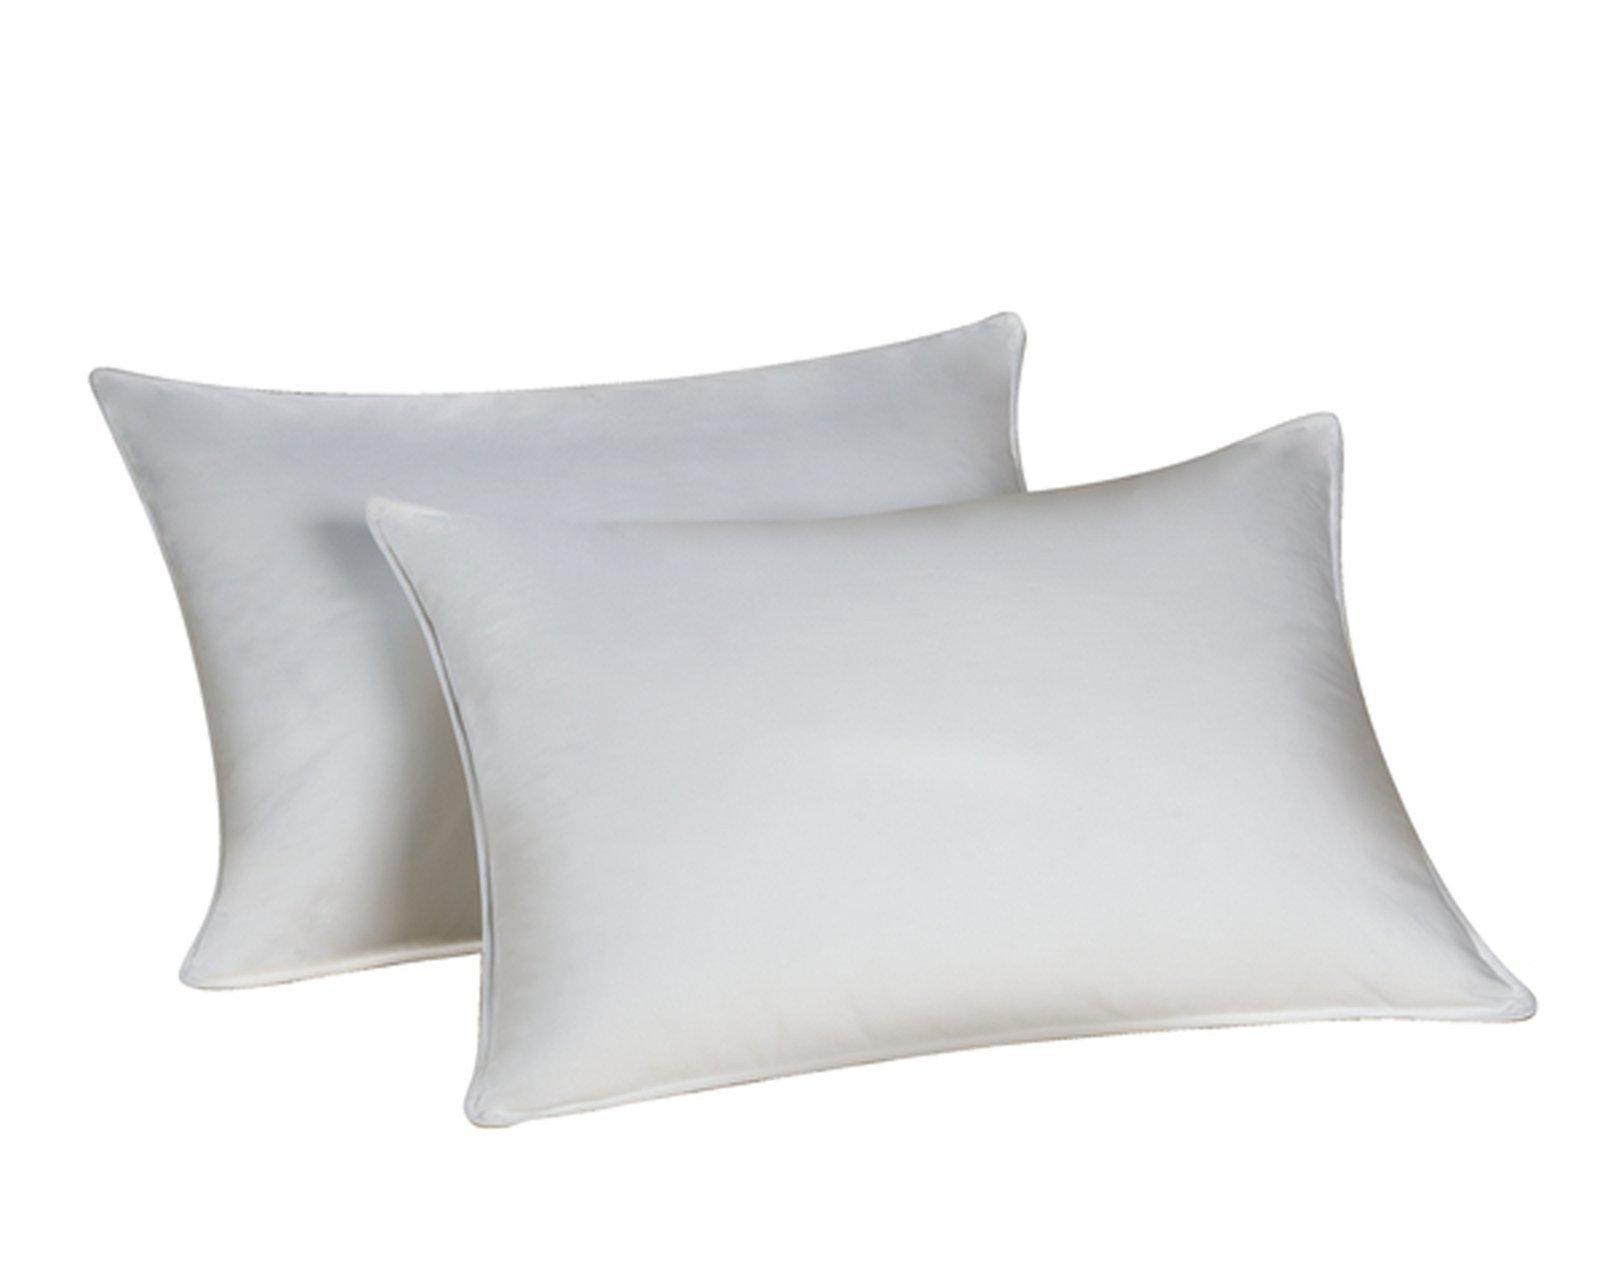 Envirosleep Dream Surrender Two Jumbo Cluster Pillow Set (2 Pillows)